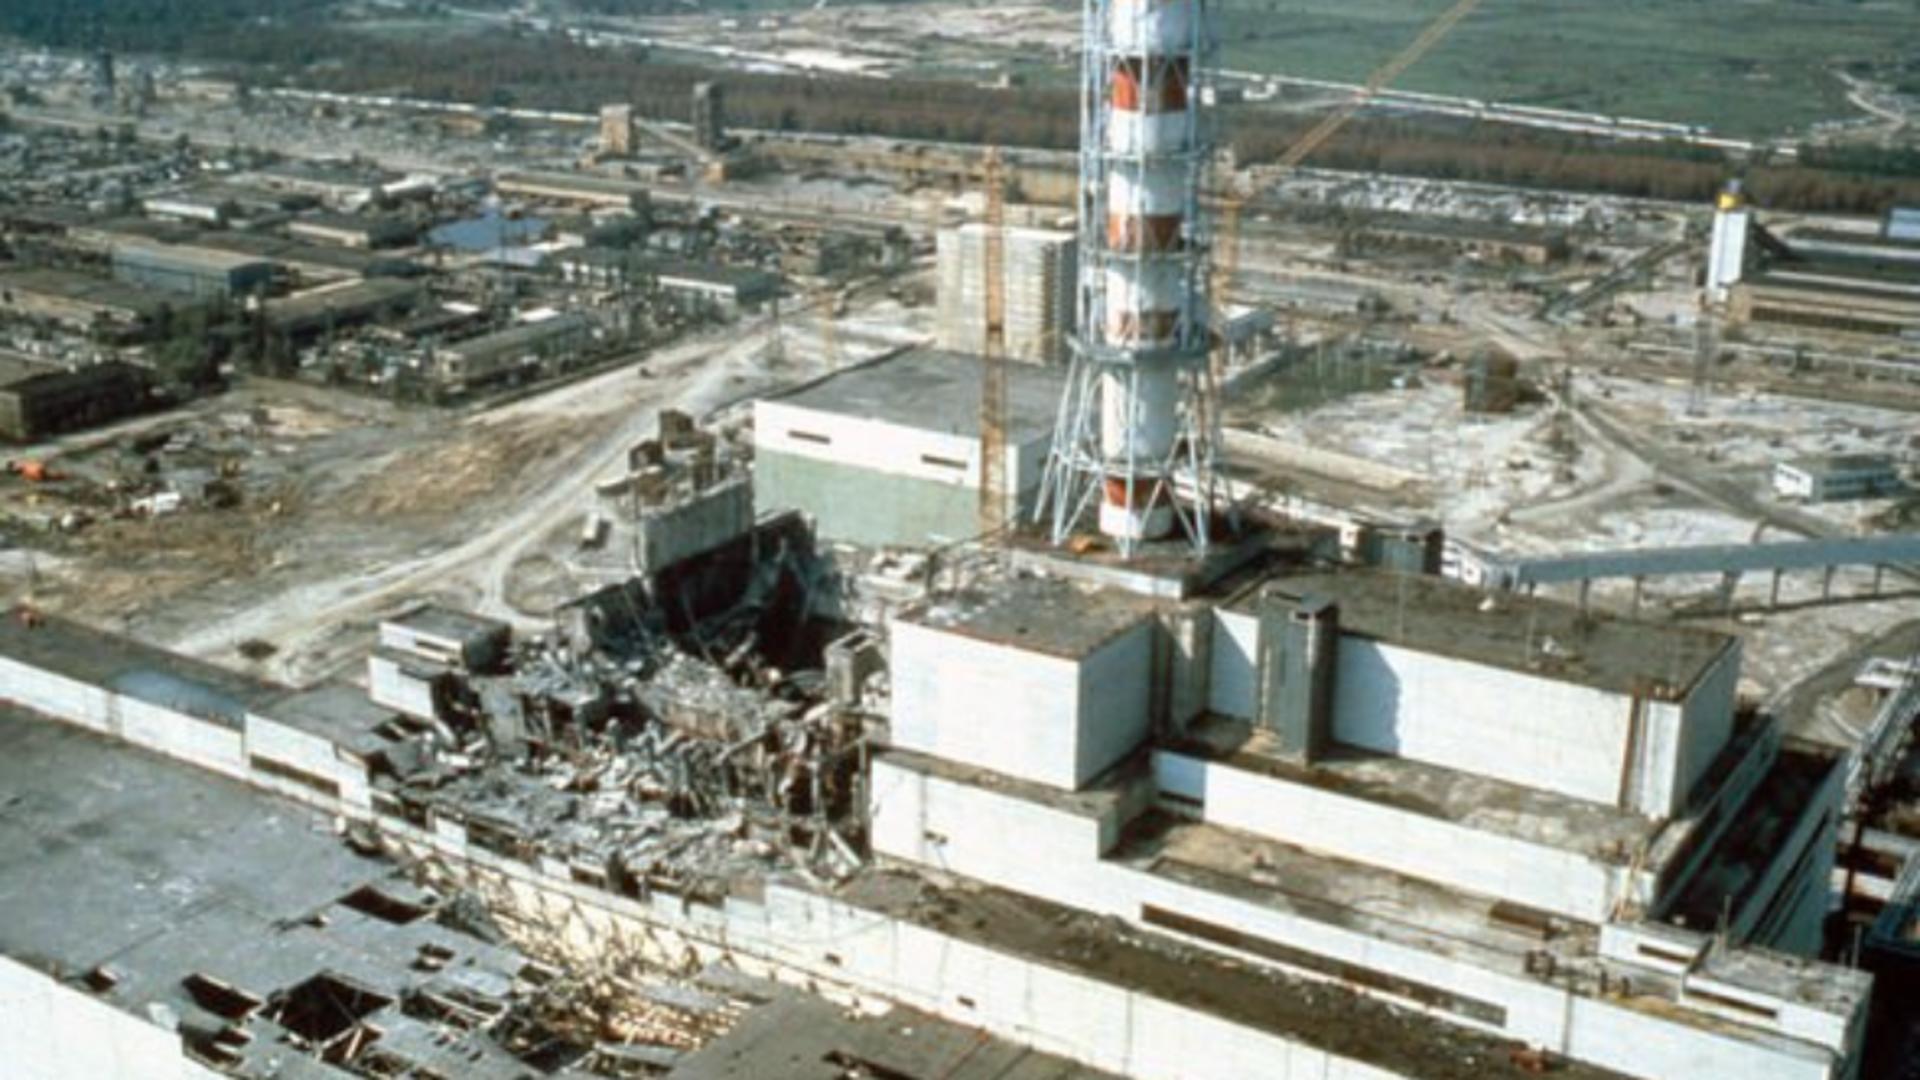 Imagini de la Cernobîl